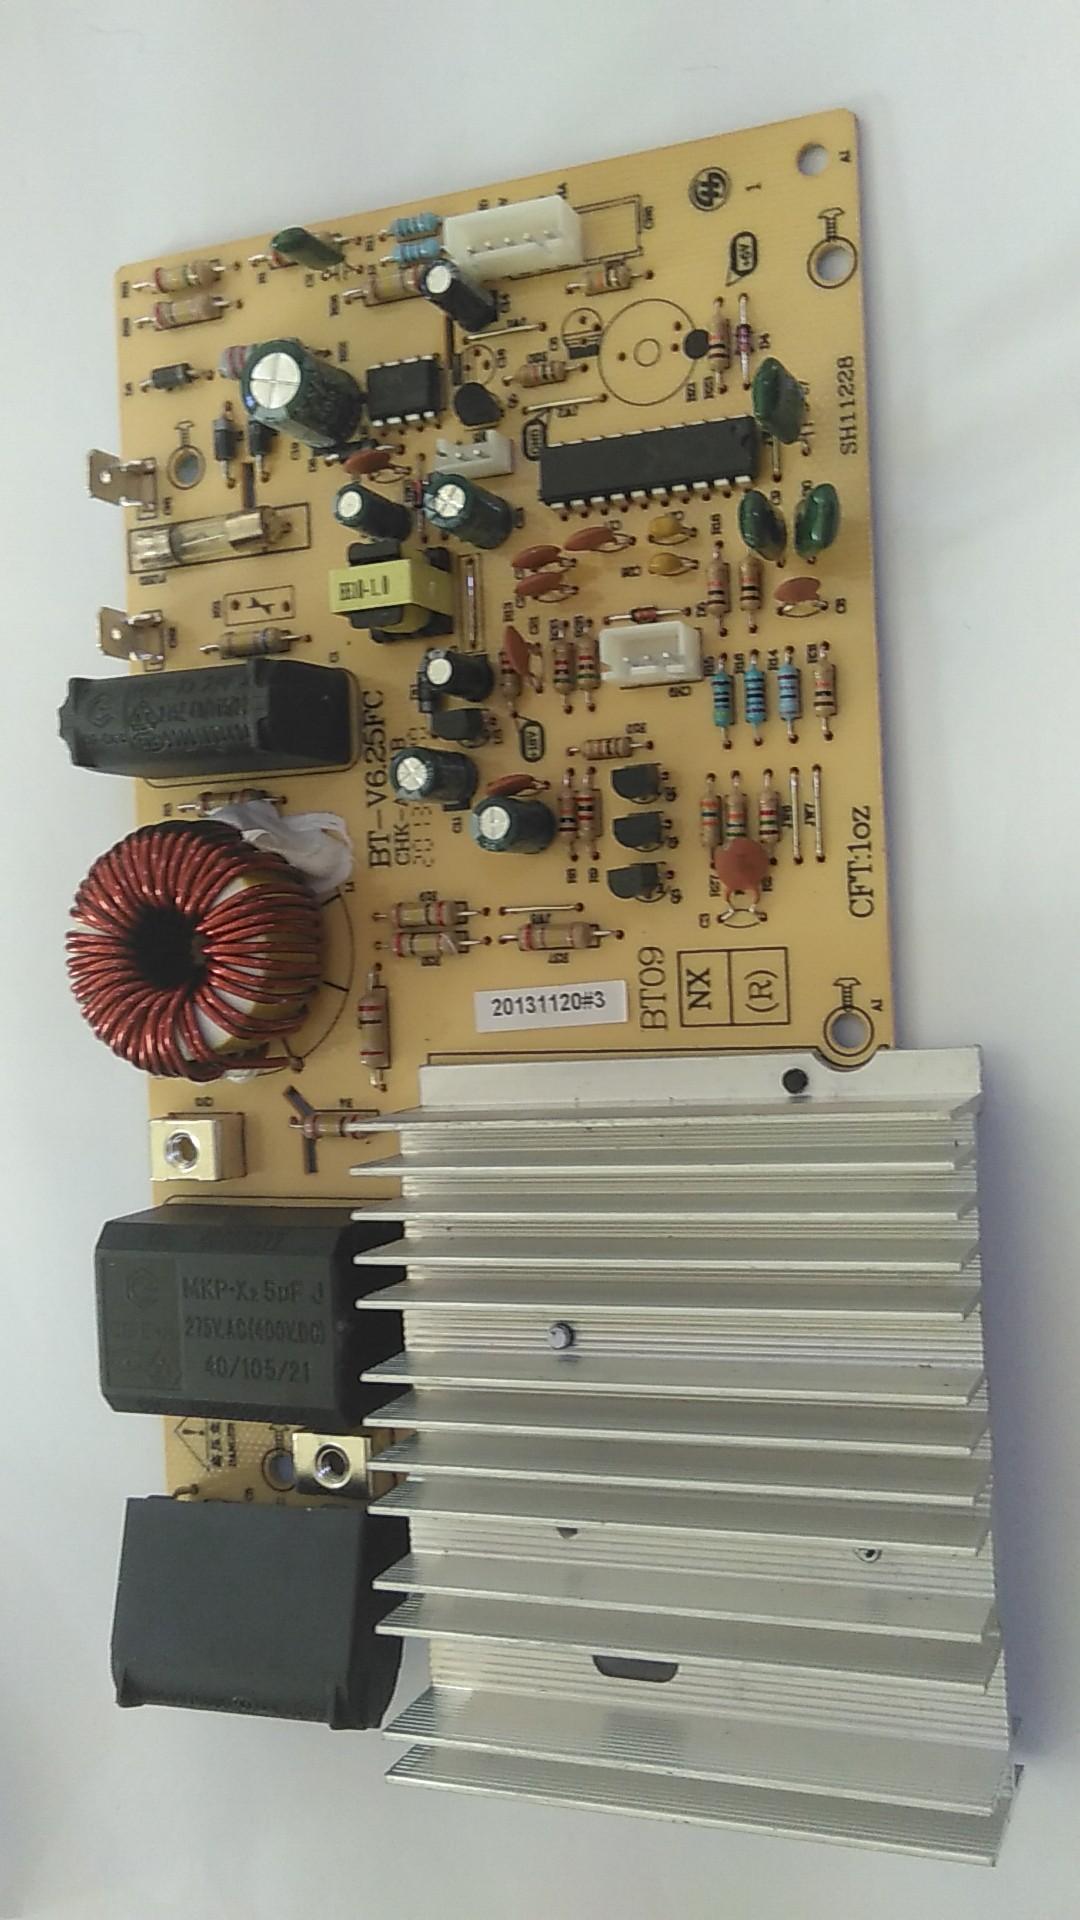 奔腾电磁炉主板BT-V6.25FC配件CG2119CG2192CG2193CG2196